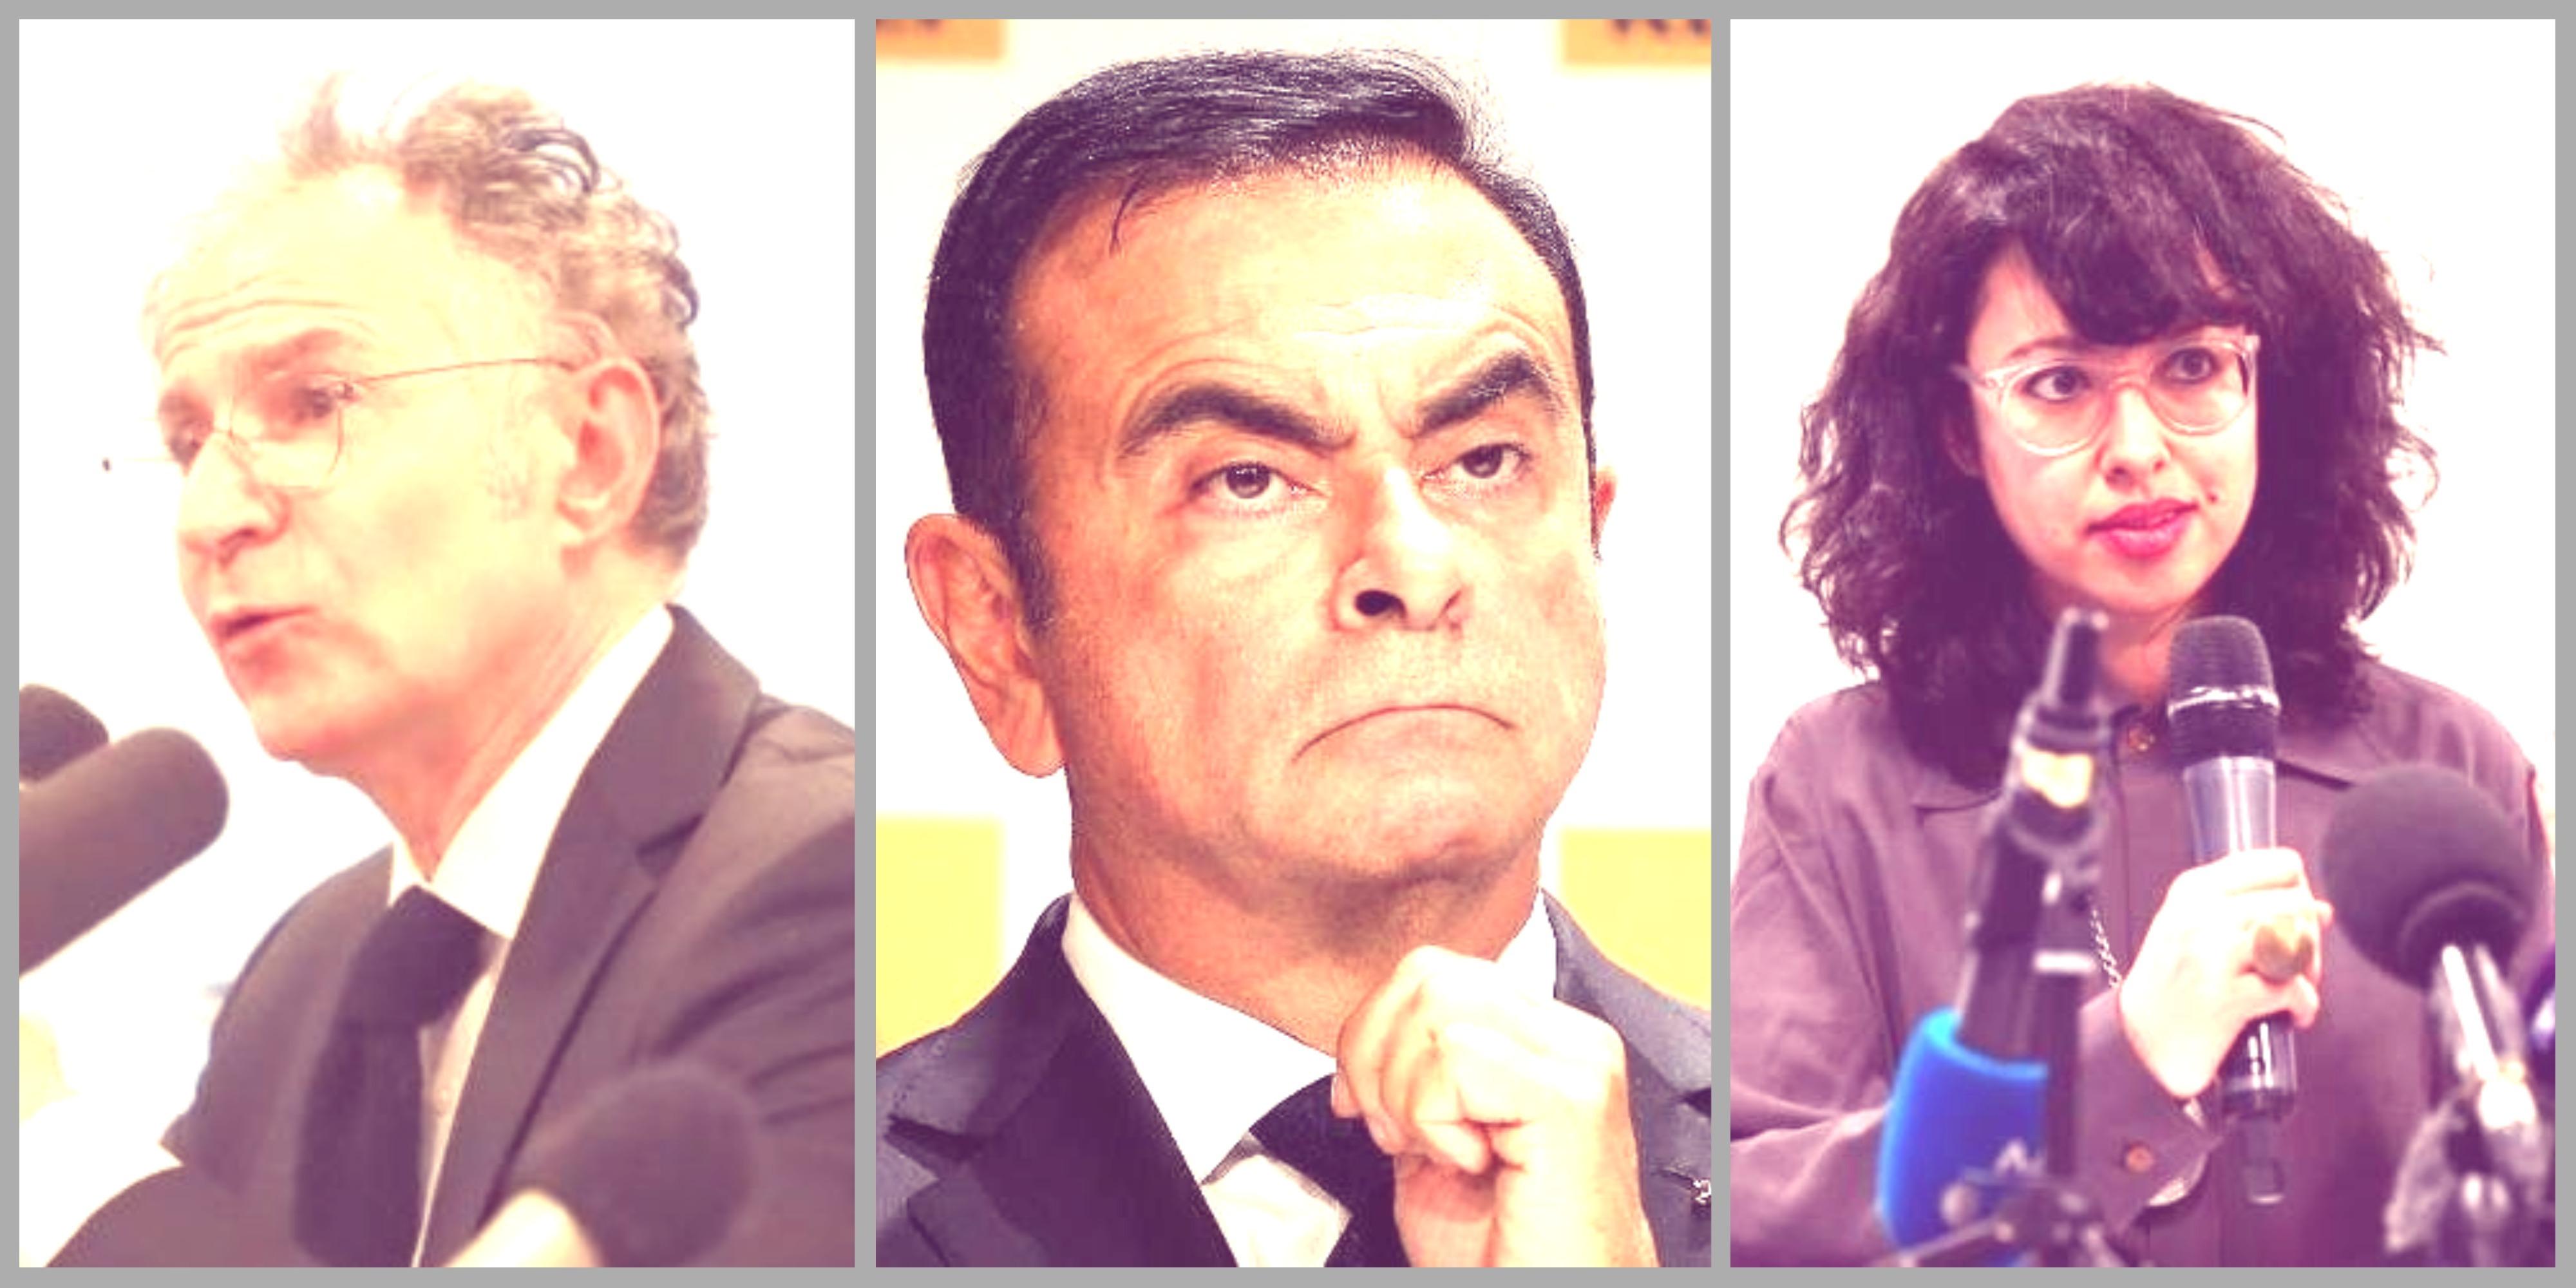 Affaire Carlos Ghosn : Les avocats de l'ex PDG du groupe Renault-Nissan déposent une plainte auprès de l'ONU